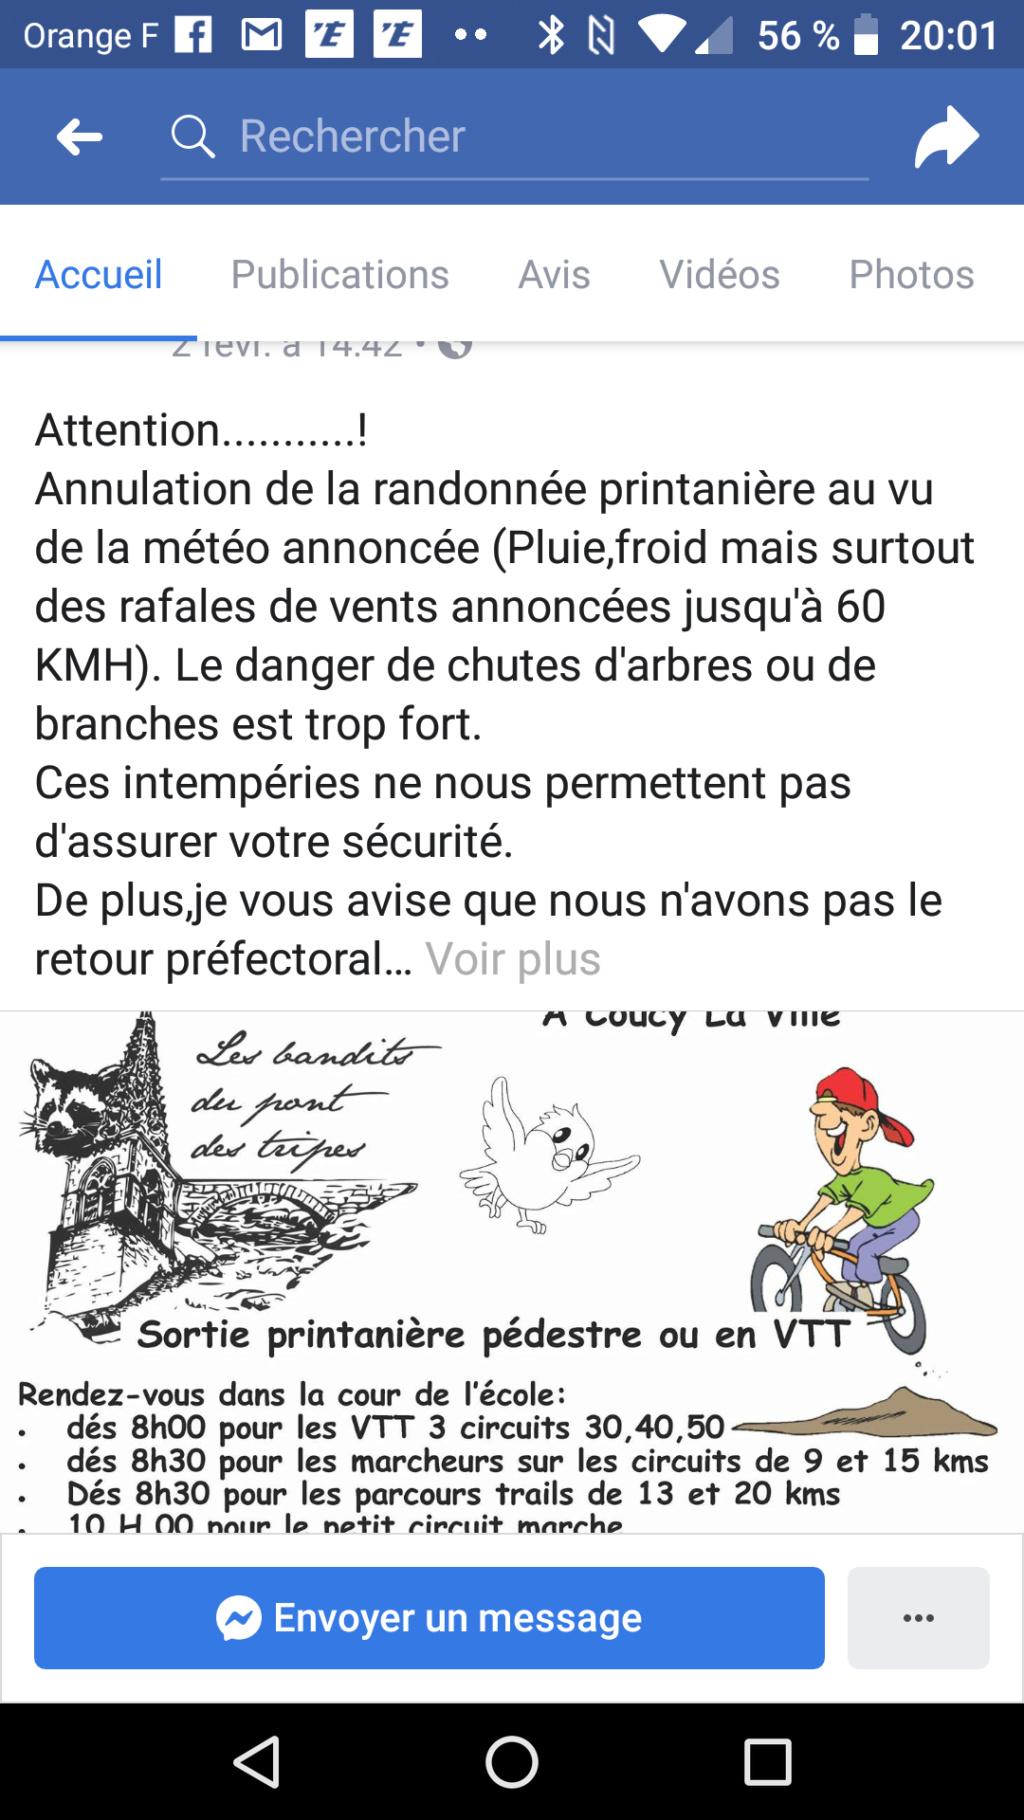 Randonnée printannière des Bandits à Coucy la Ville 17/03/2019 Receiv10